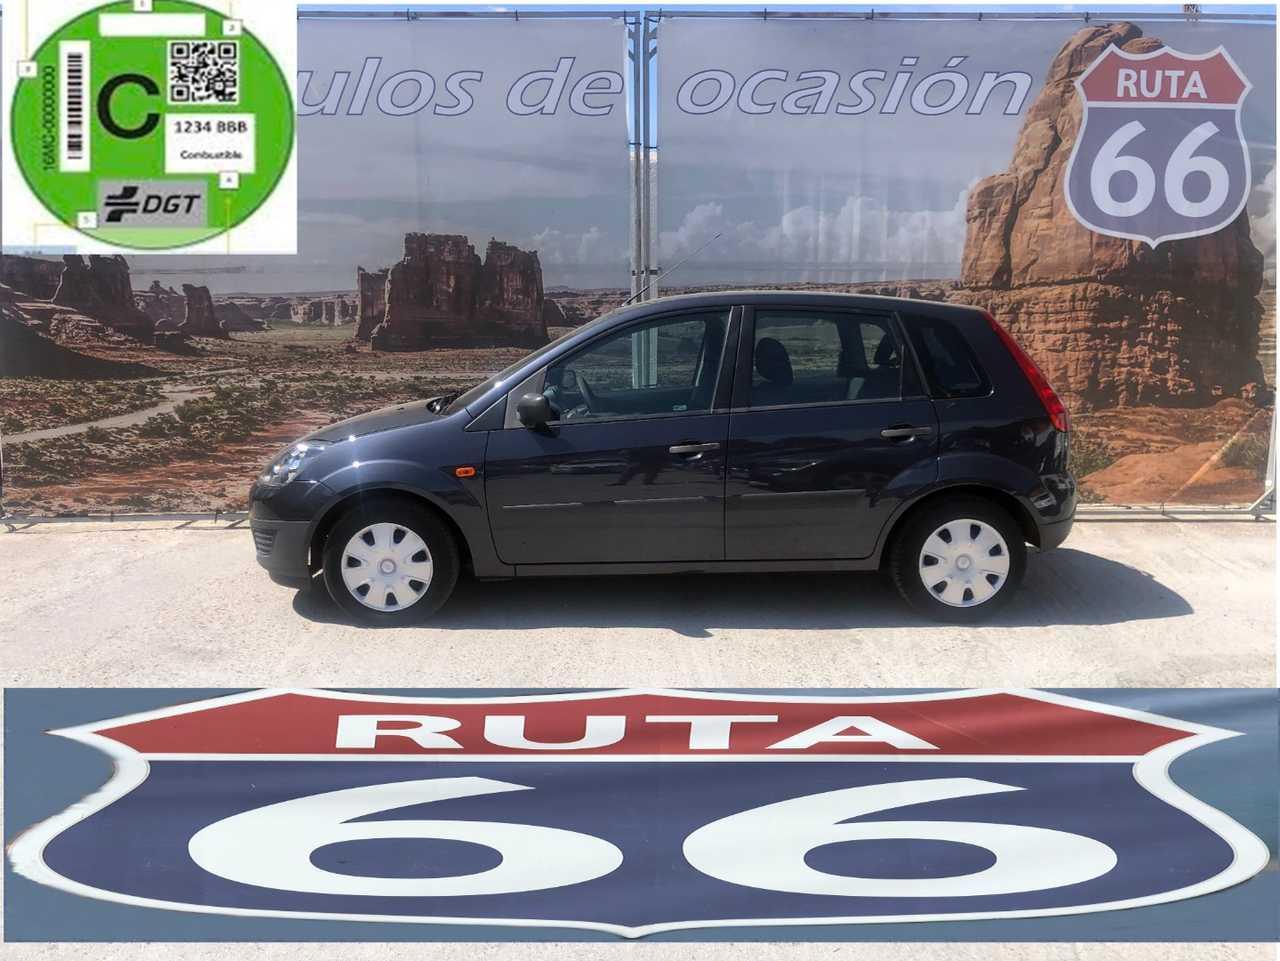 Ford Fiesta 1.4 futura   - Foto 1